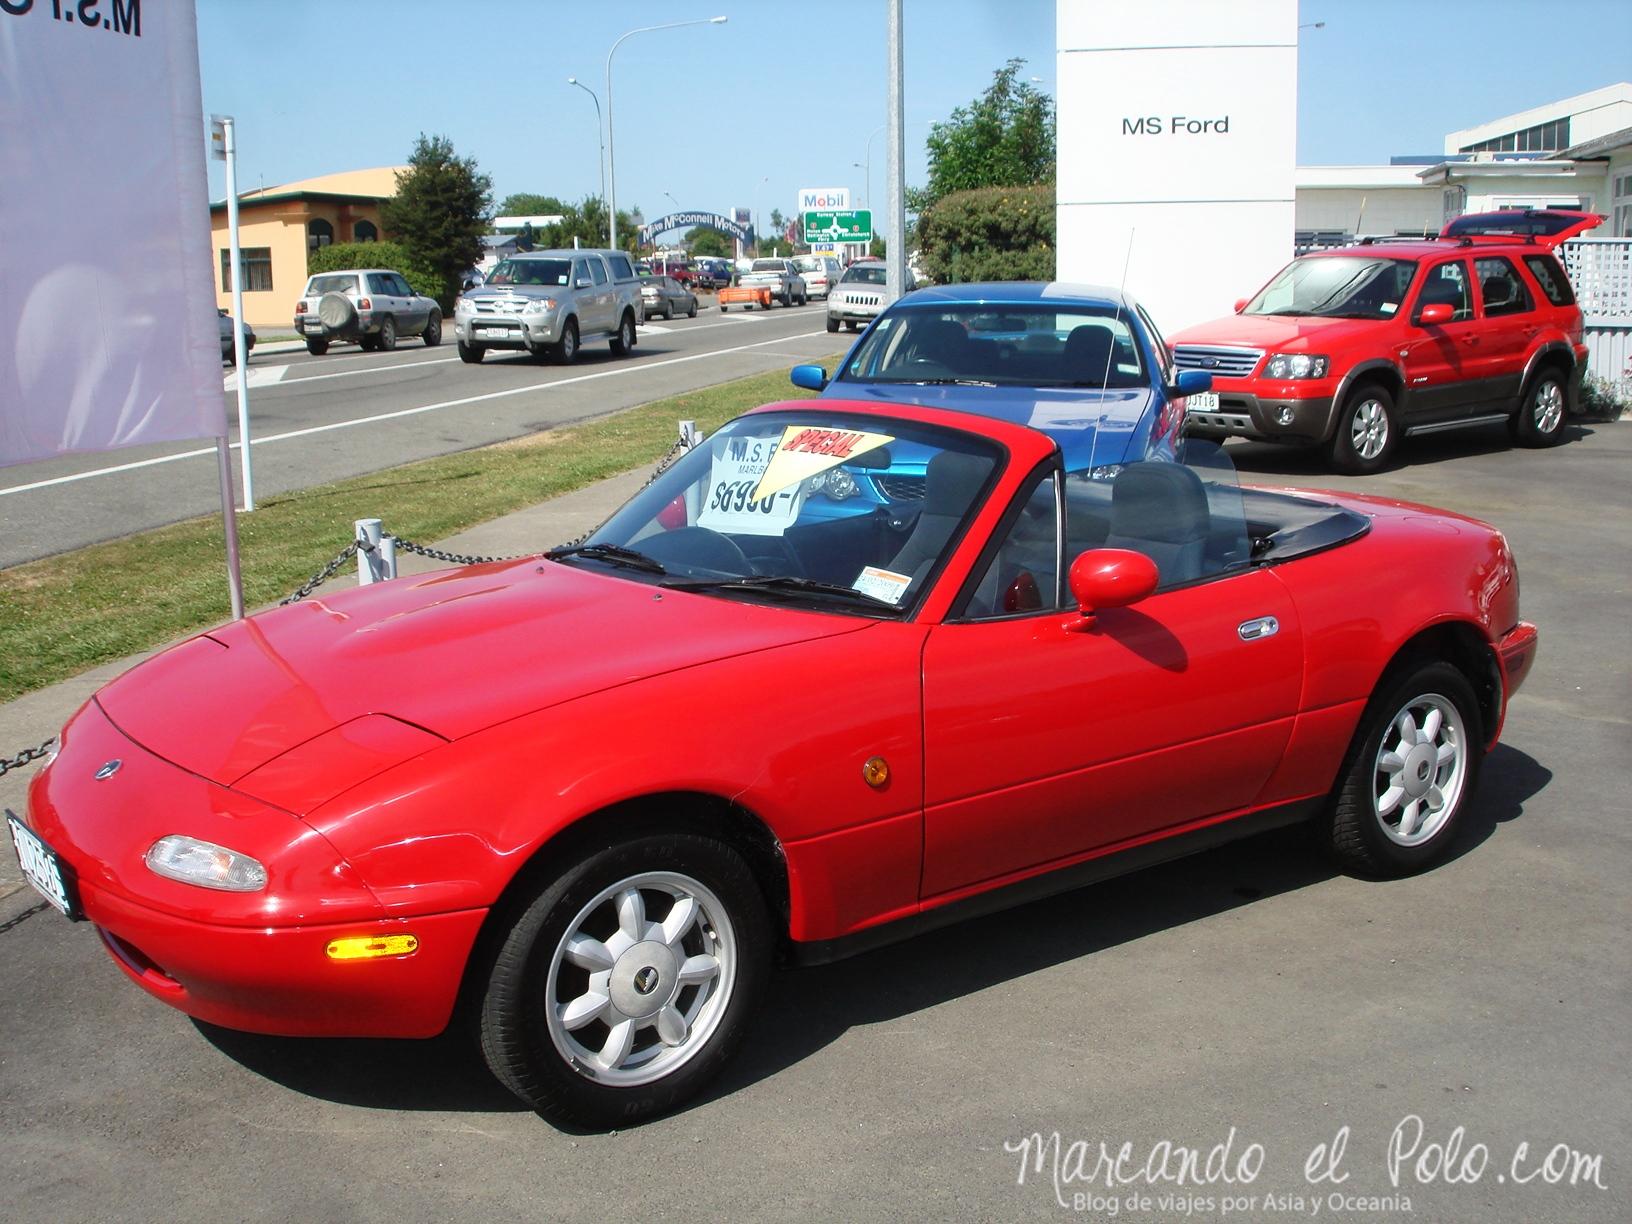 Comprar un auto en Nueva Zelanda: descapotable